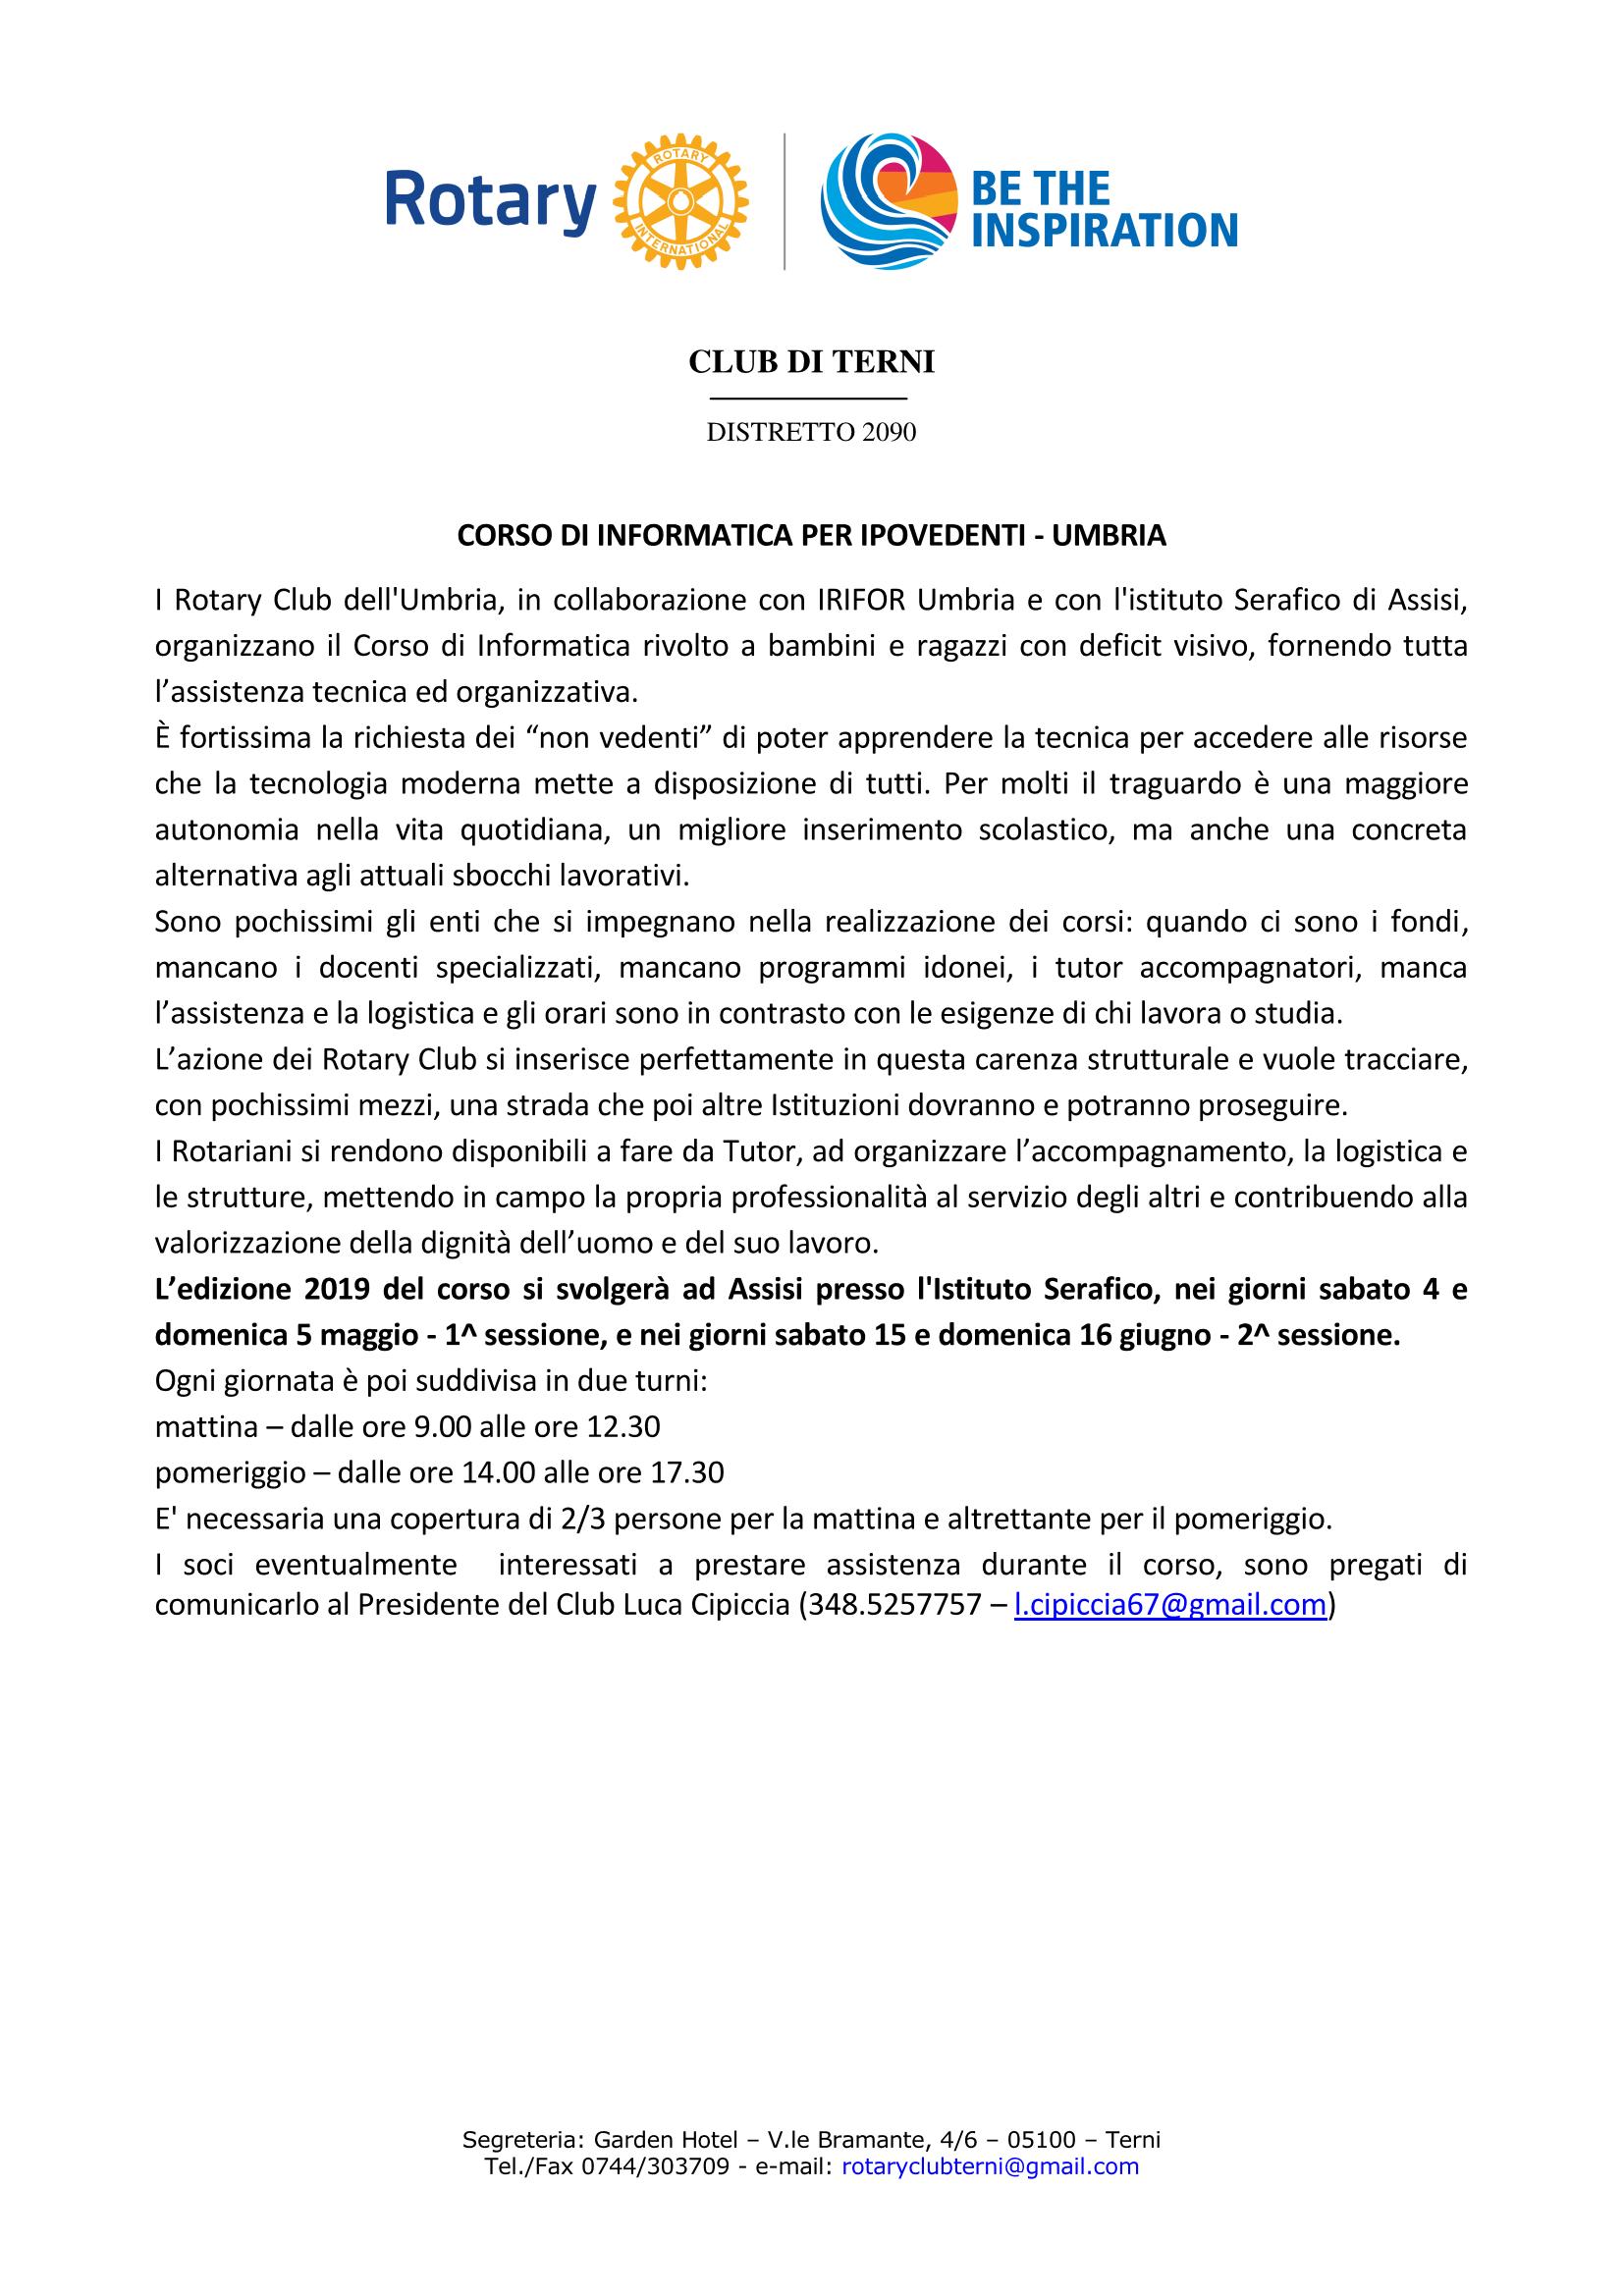 2019_05-RC Terni-Programma Maggio 2019_Page_6